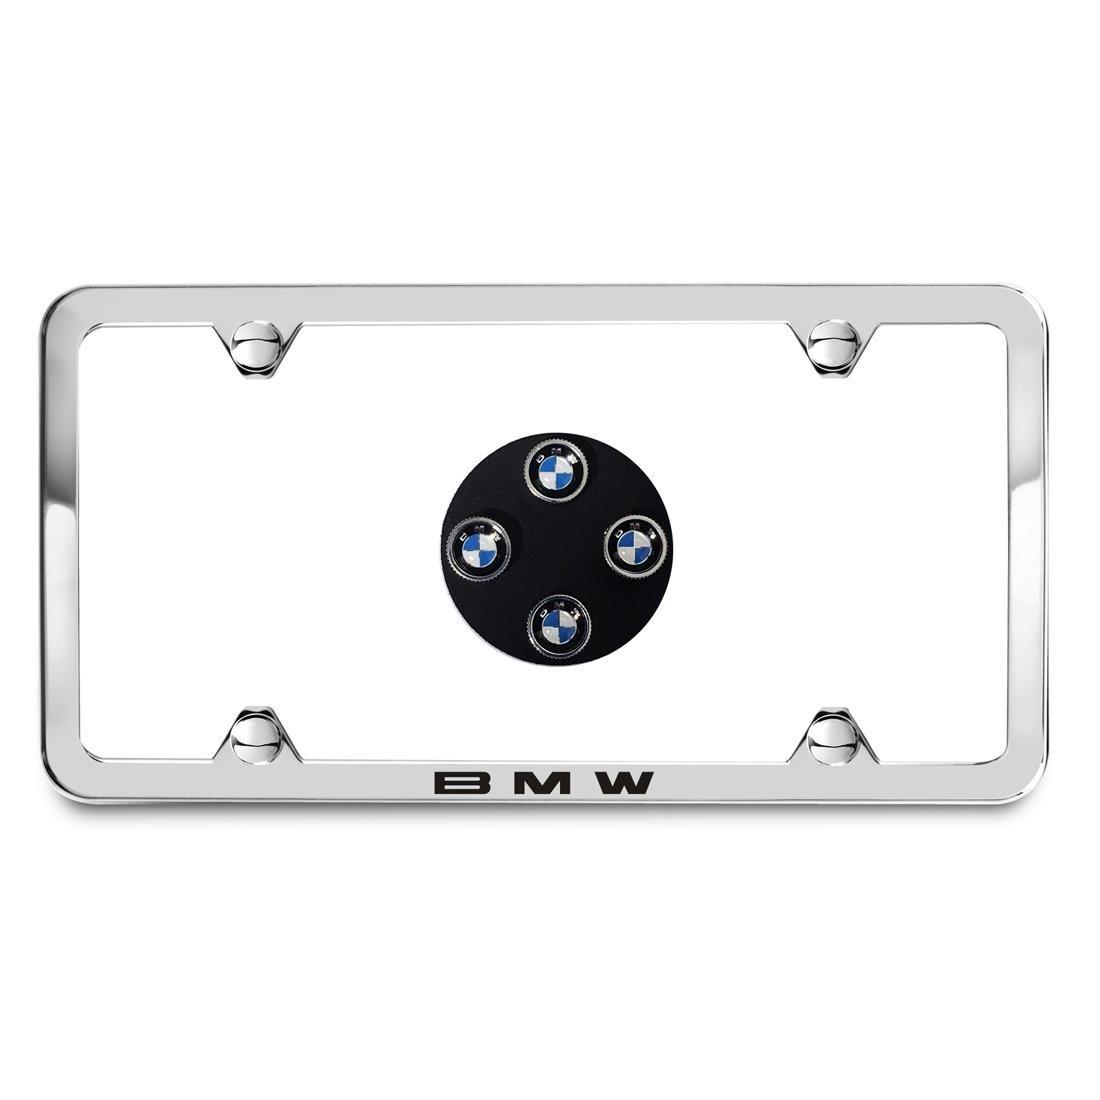 BMW Genuine Silver Slimline Plate Frame & Roundel Valve Stem Caps Silver by BMW